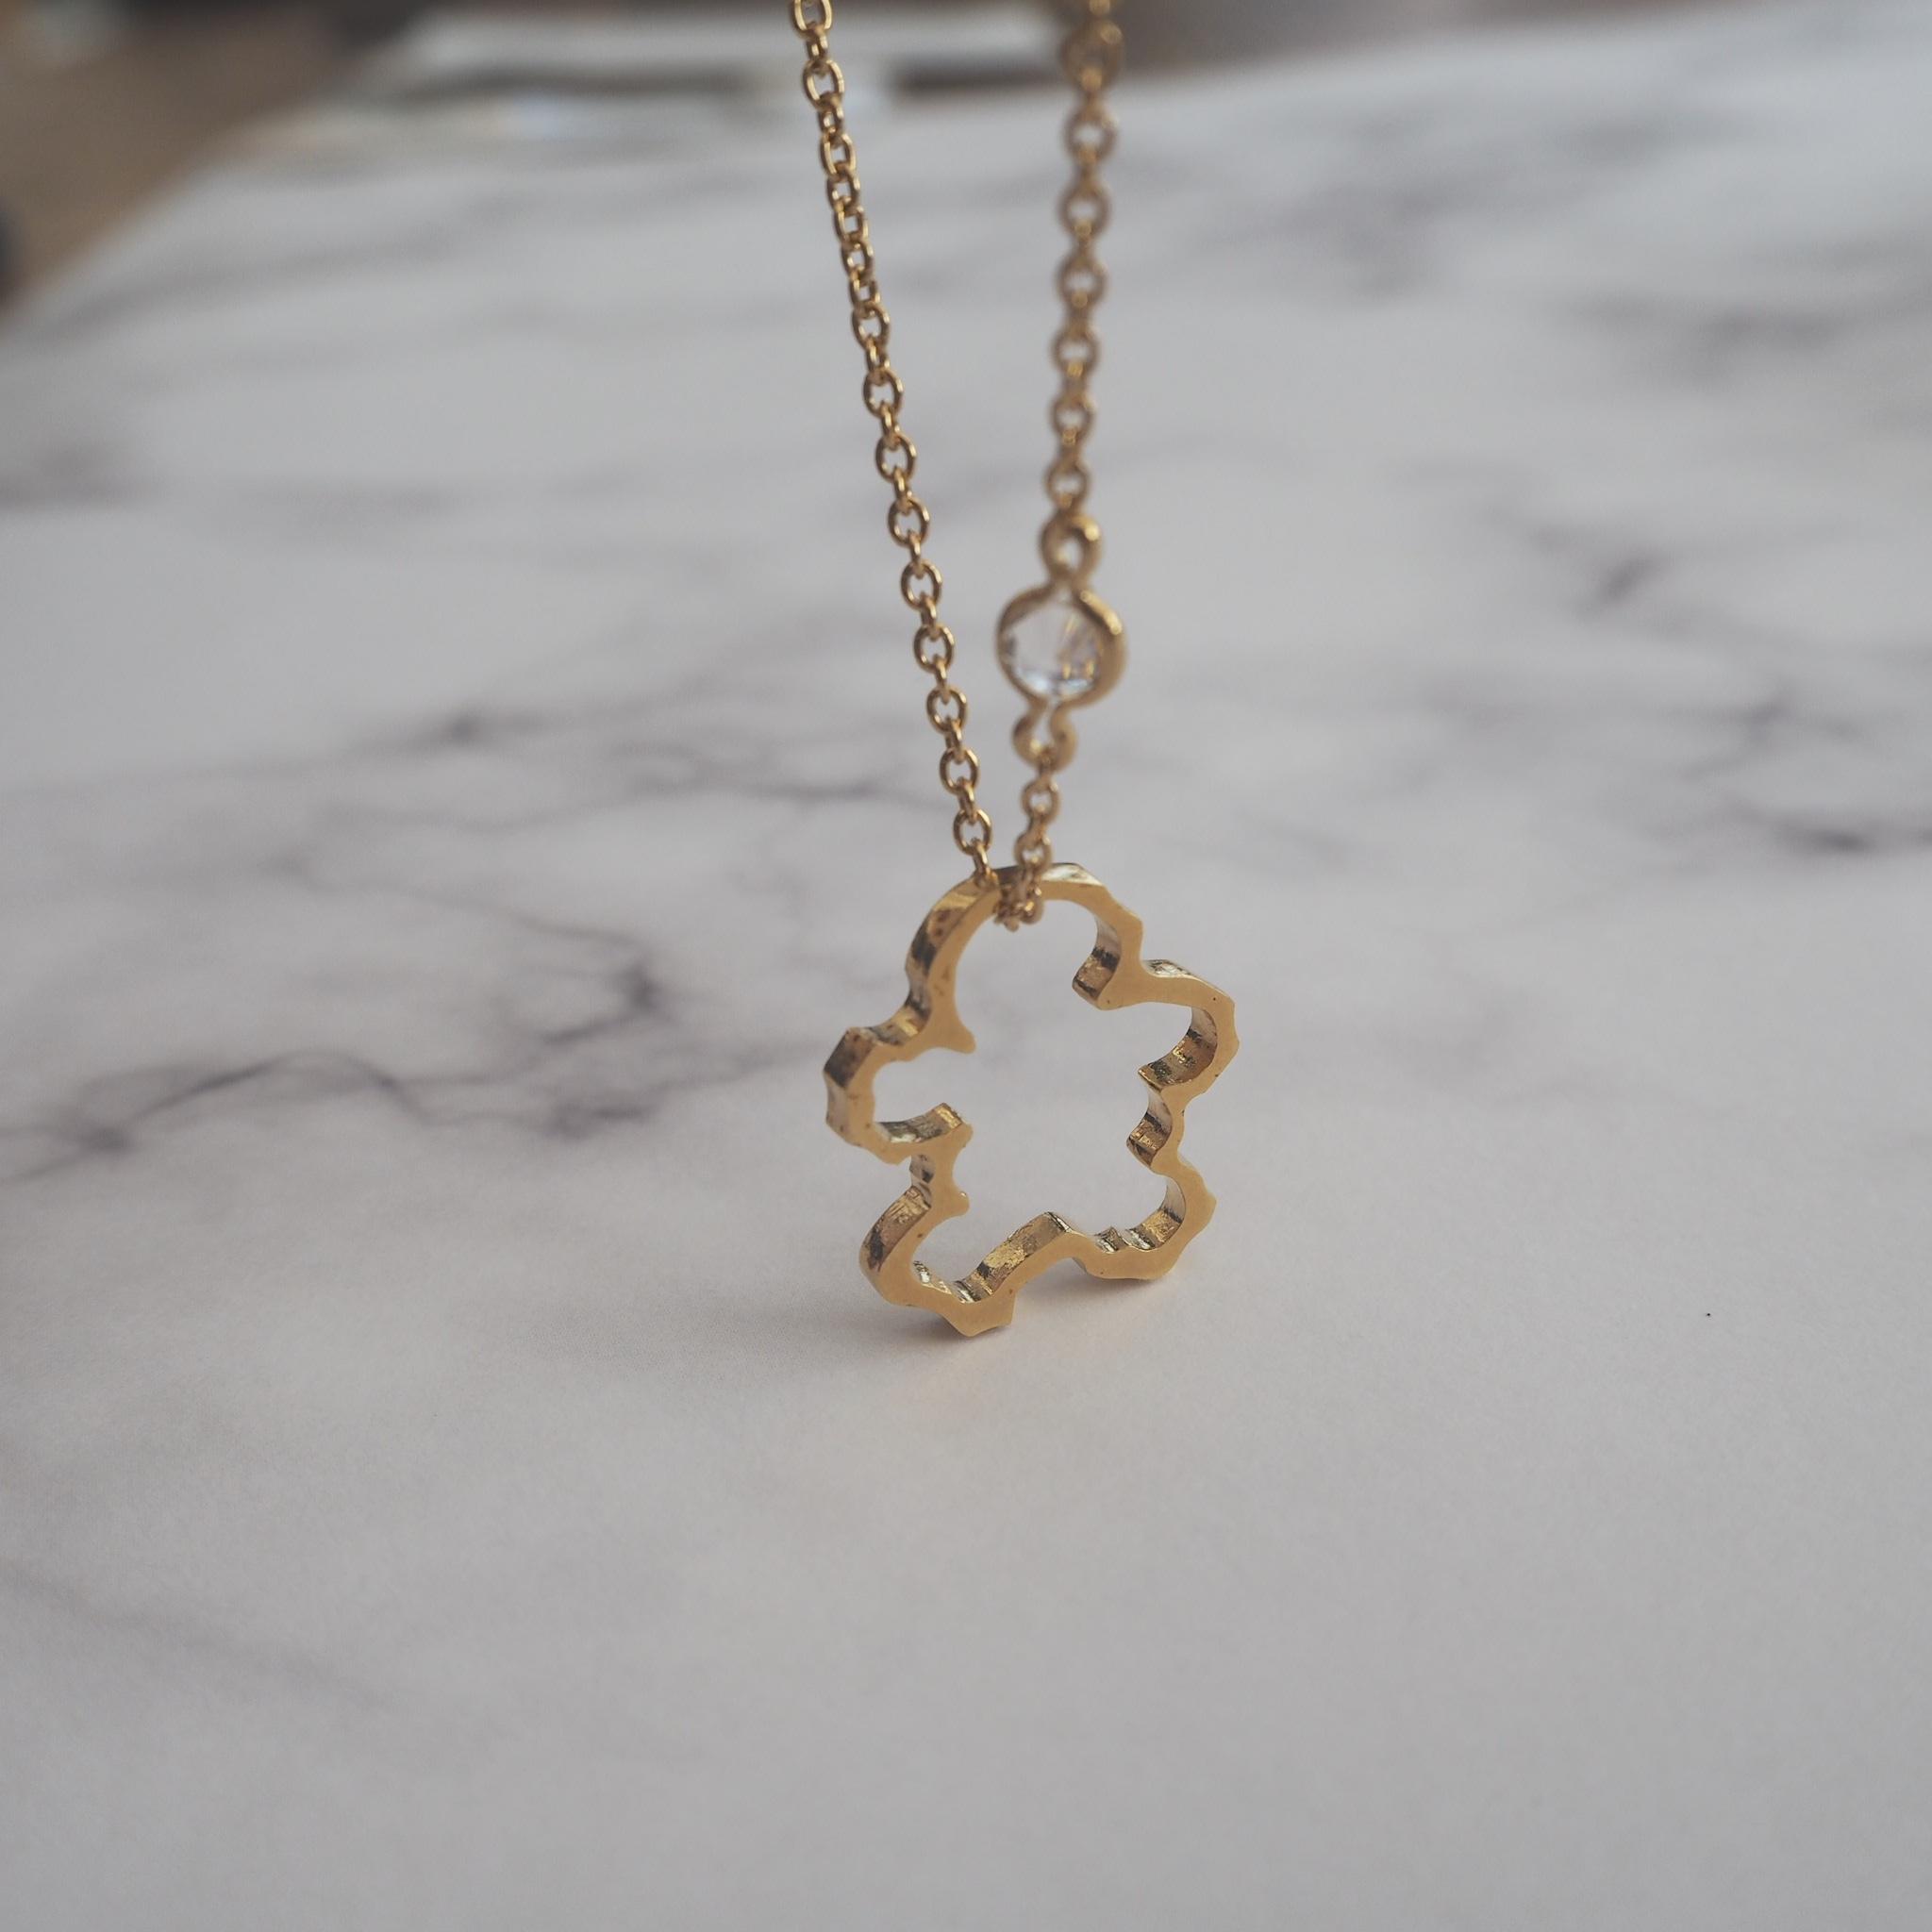 Jizo & Chibi - giveaway necklace